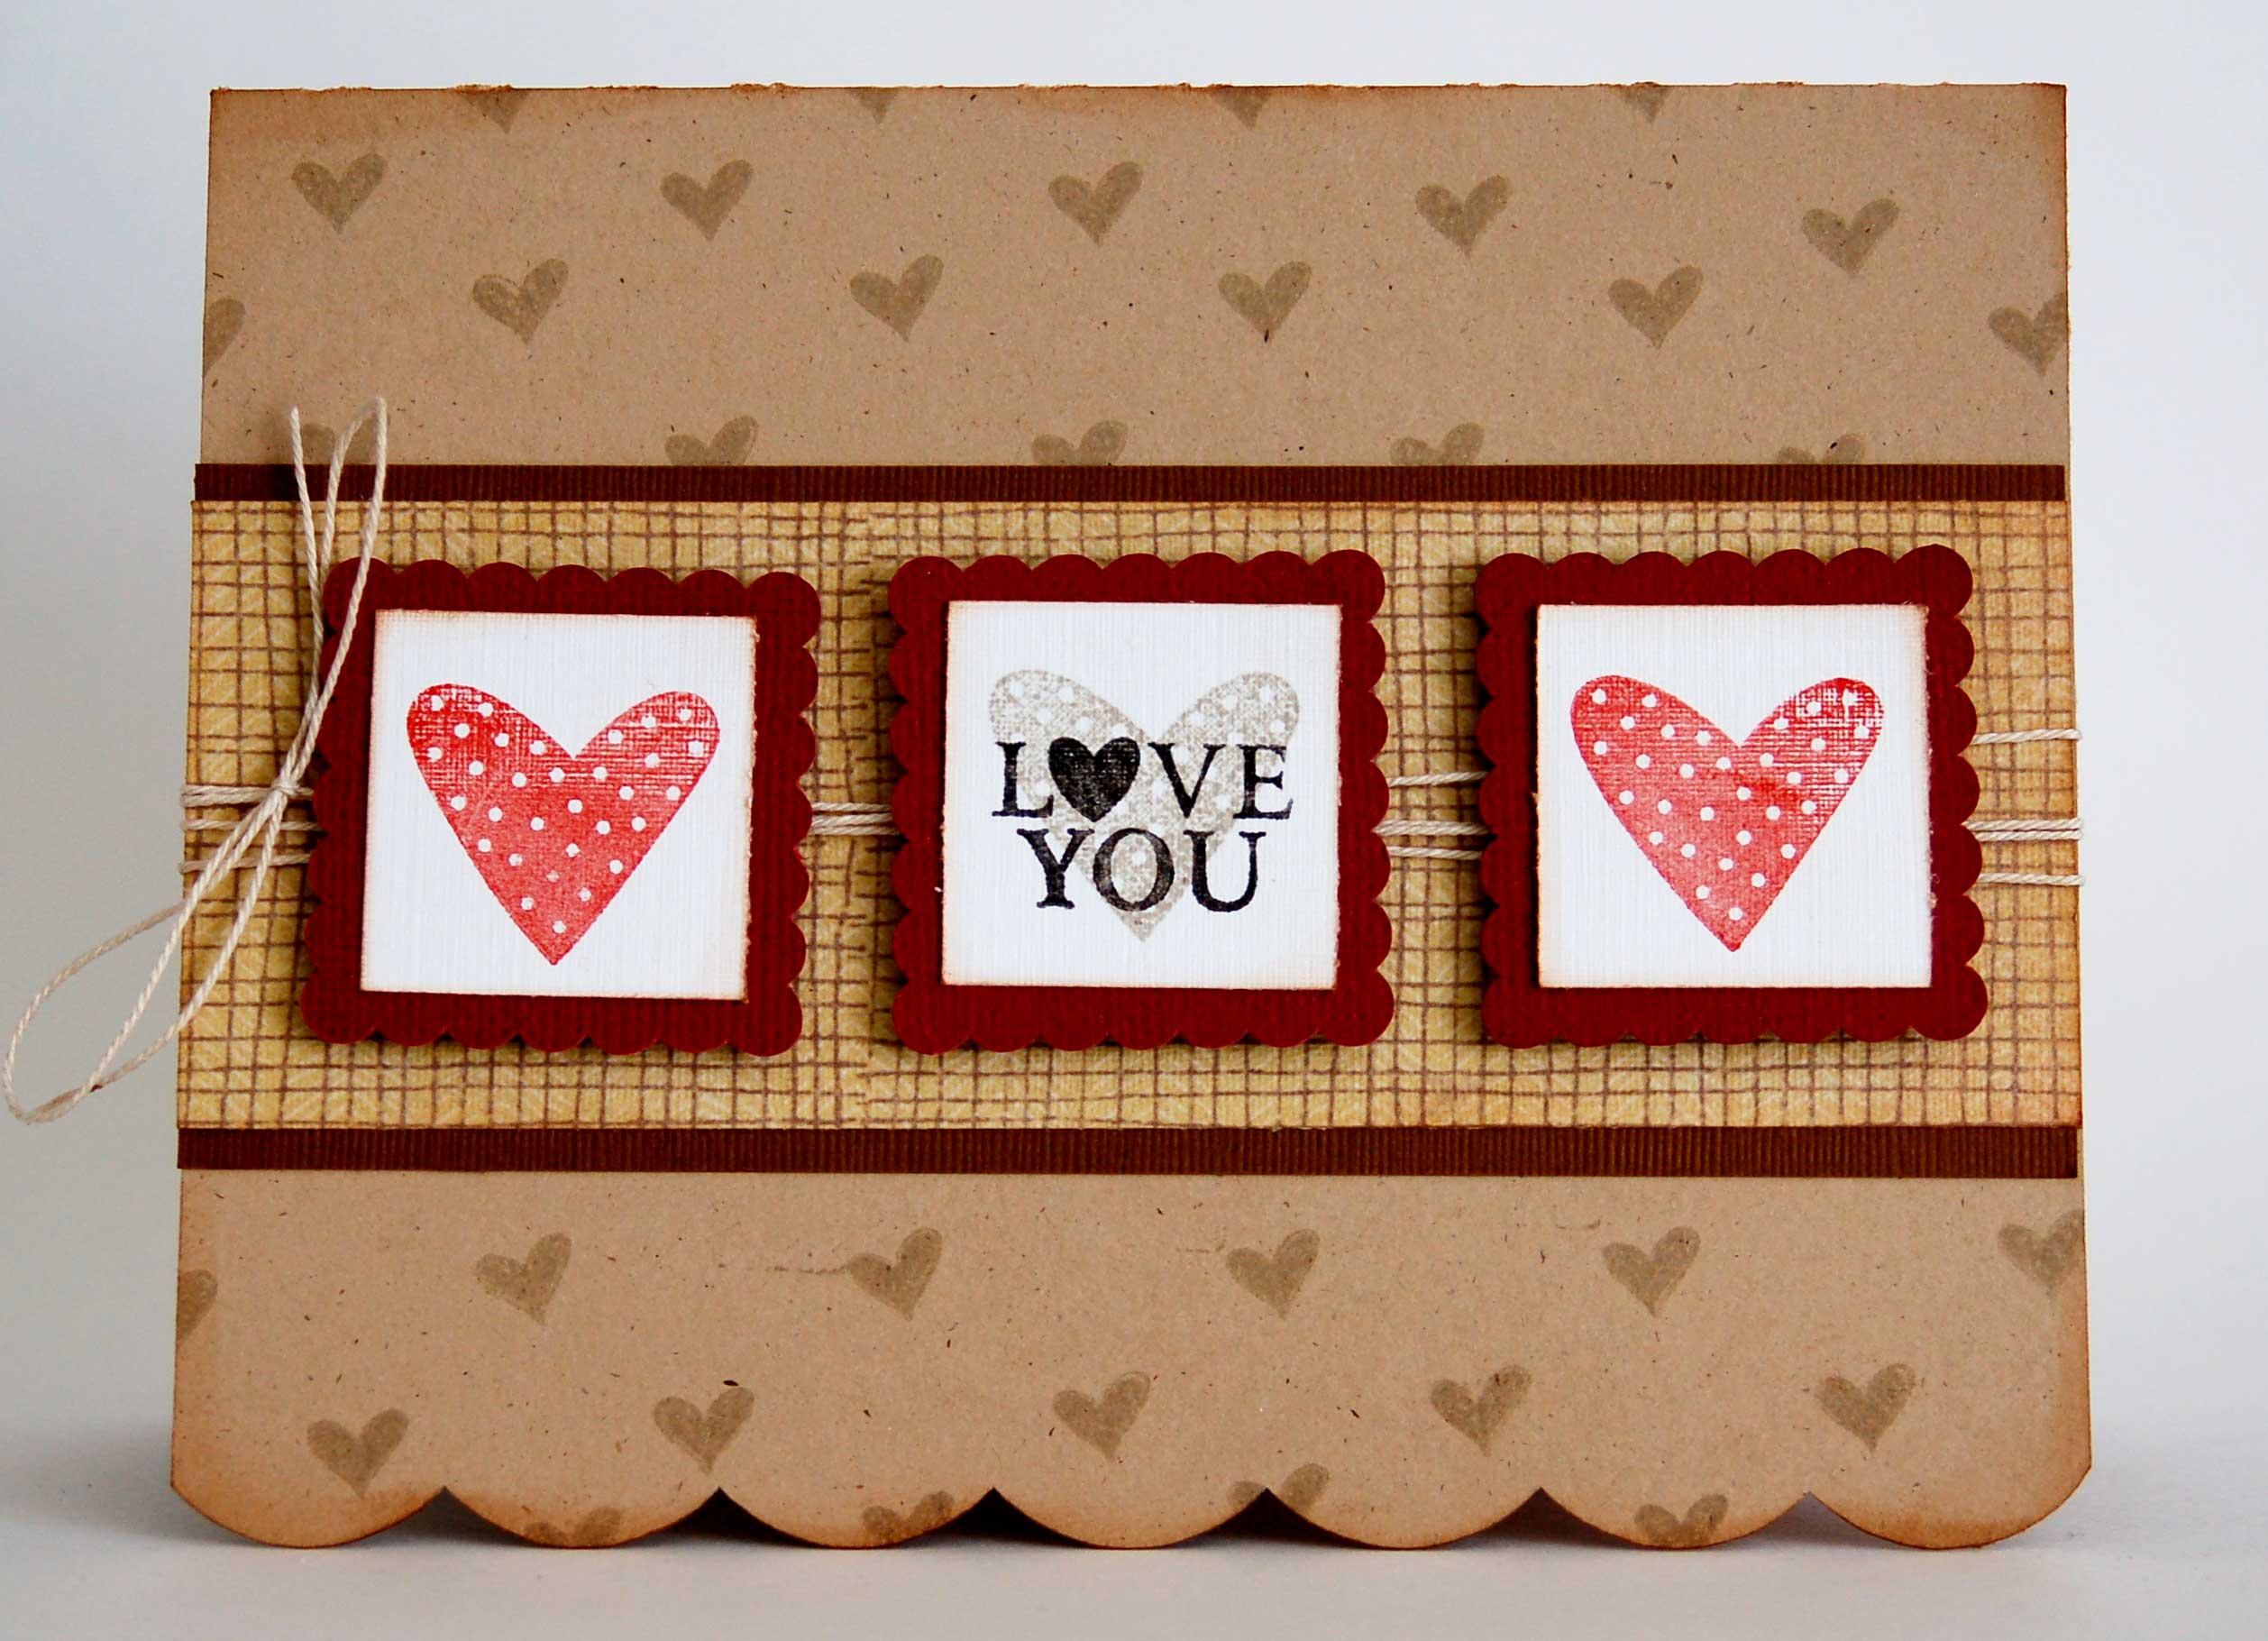 Love-You-Heart-Card